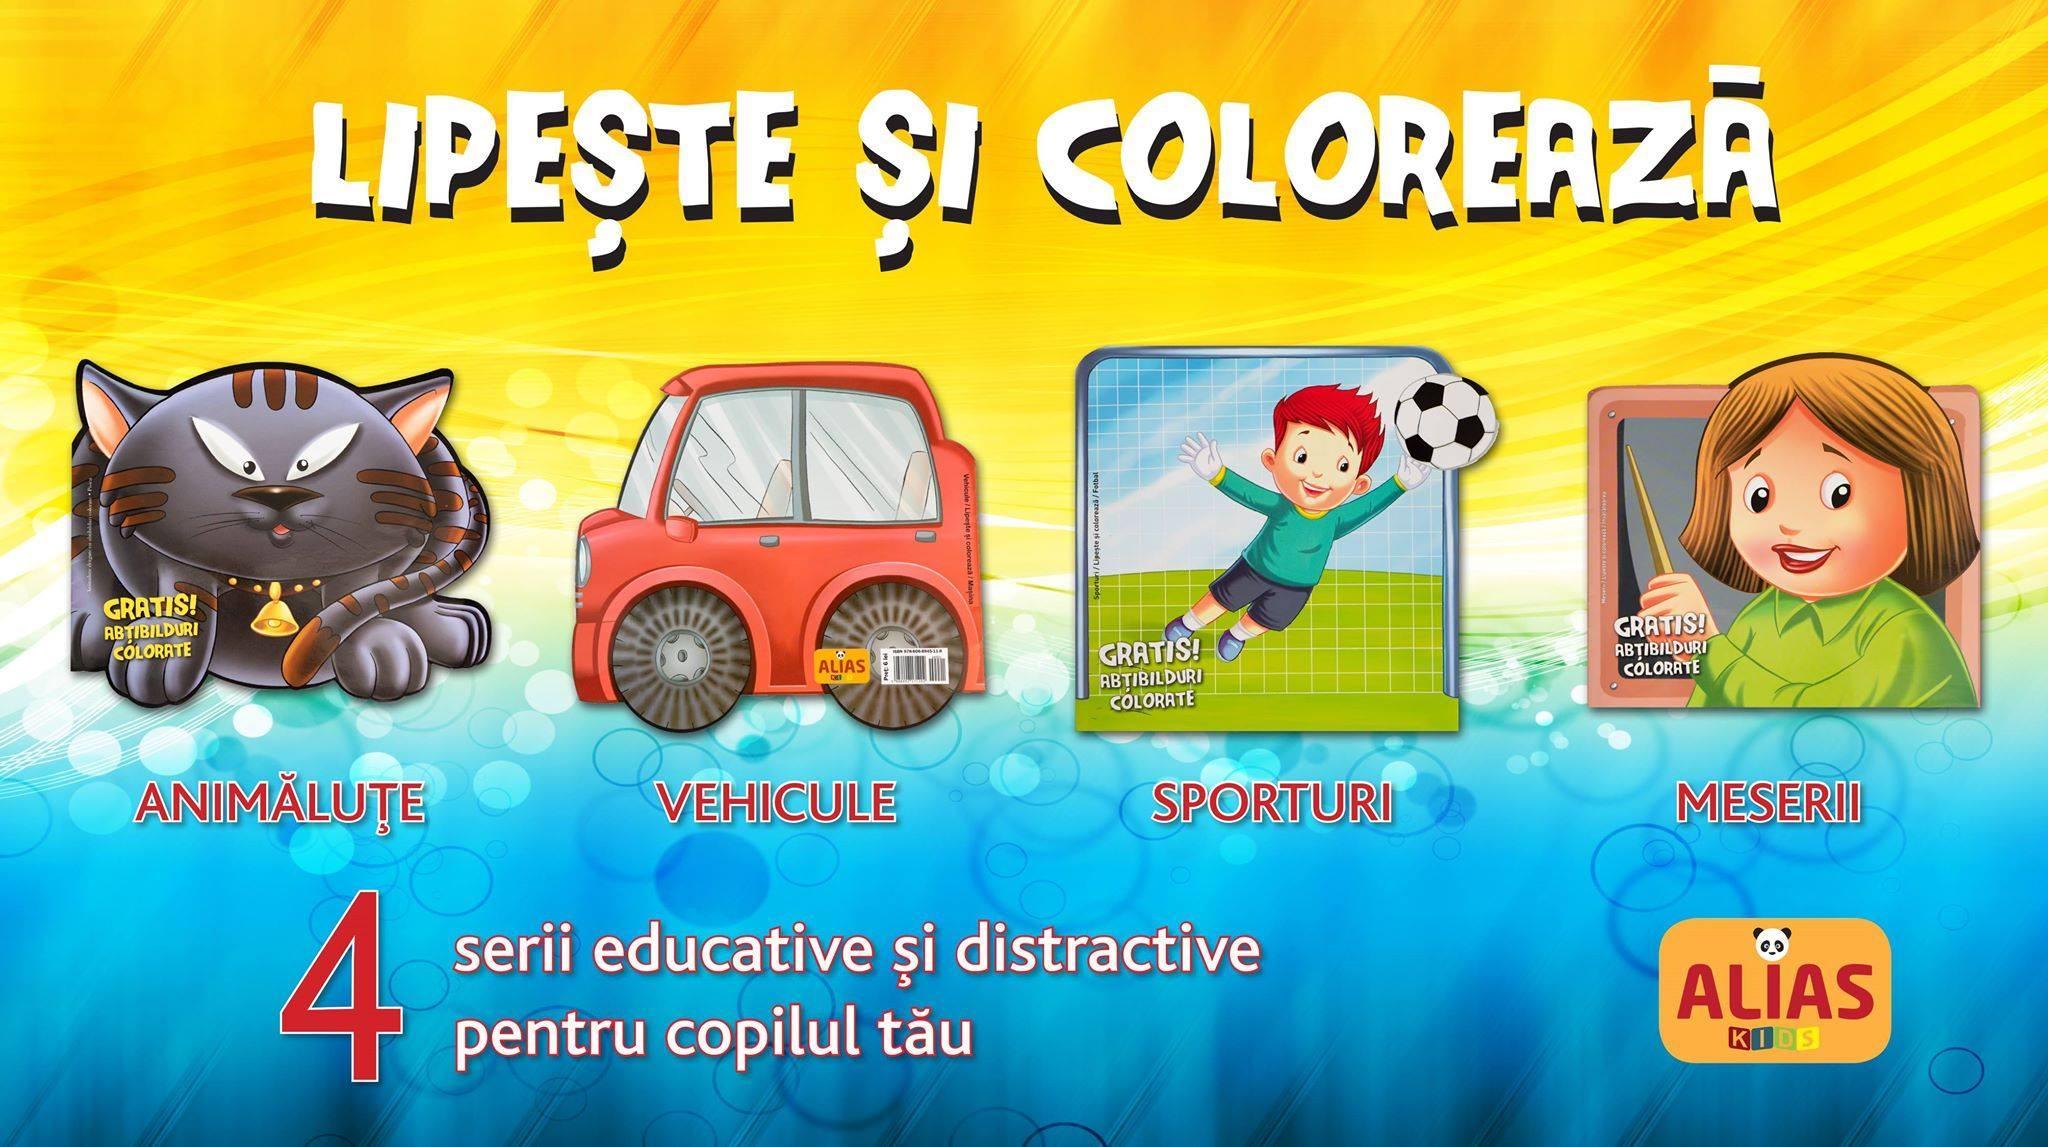 O noua colectie de carti educative si distractive pentru copilul tau!